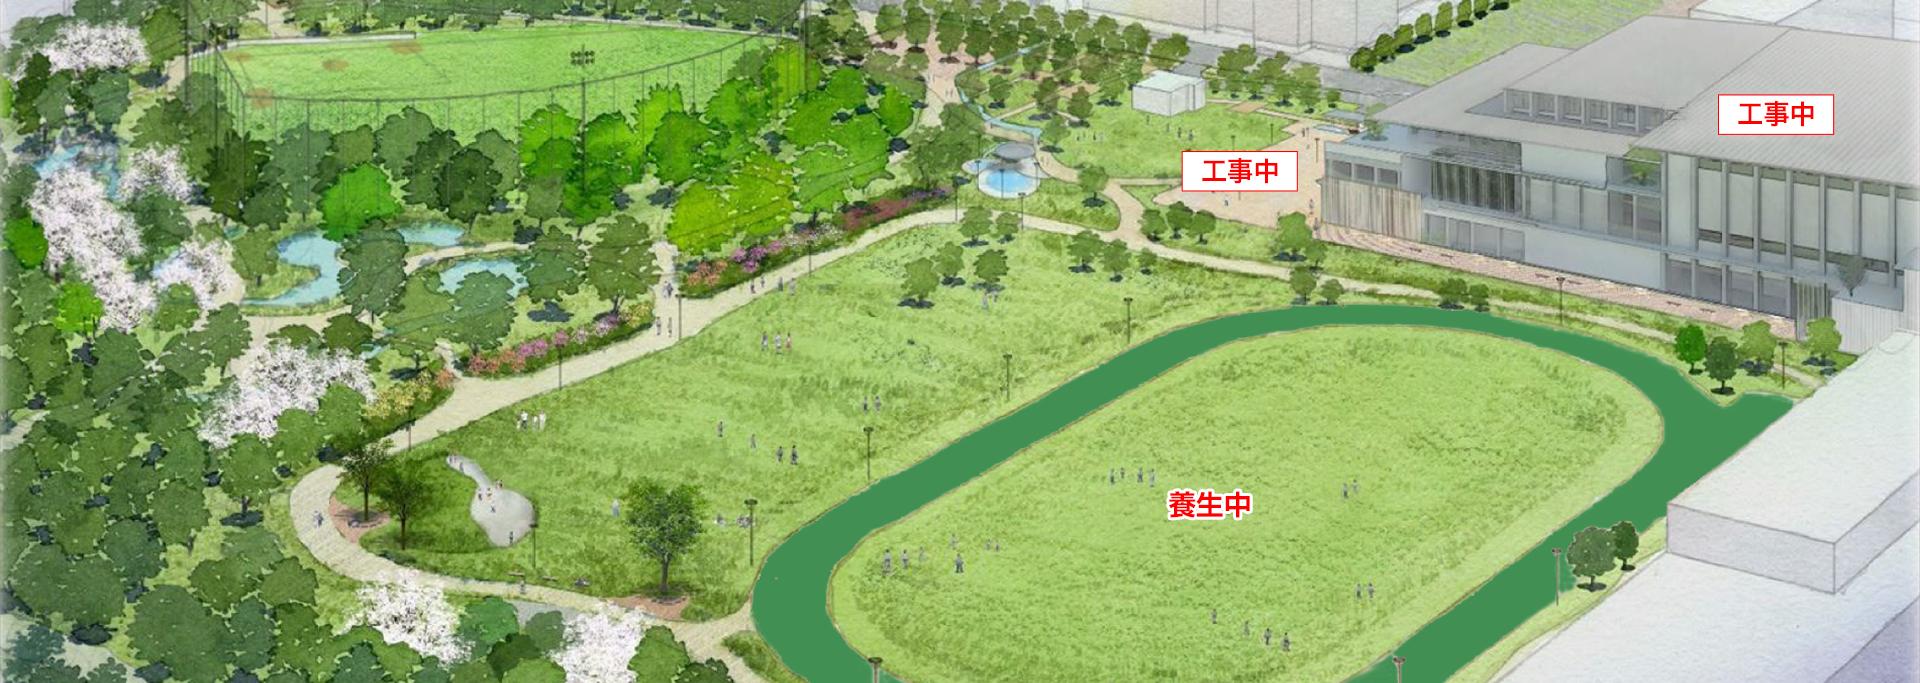 中野区立平和の森公園は、300mトラックや多目的運動広場などを併設し、スポーツとみどりで健康・交流を育みます。